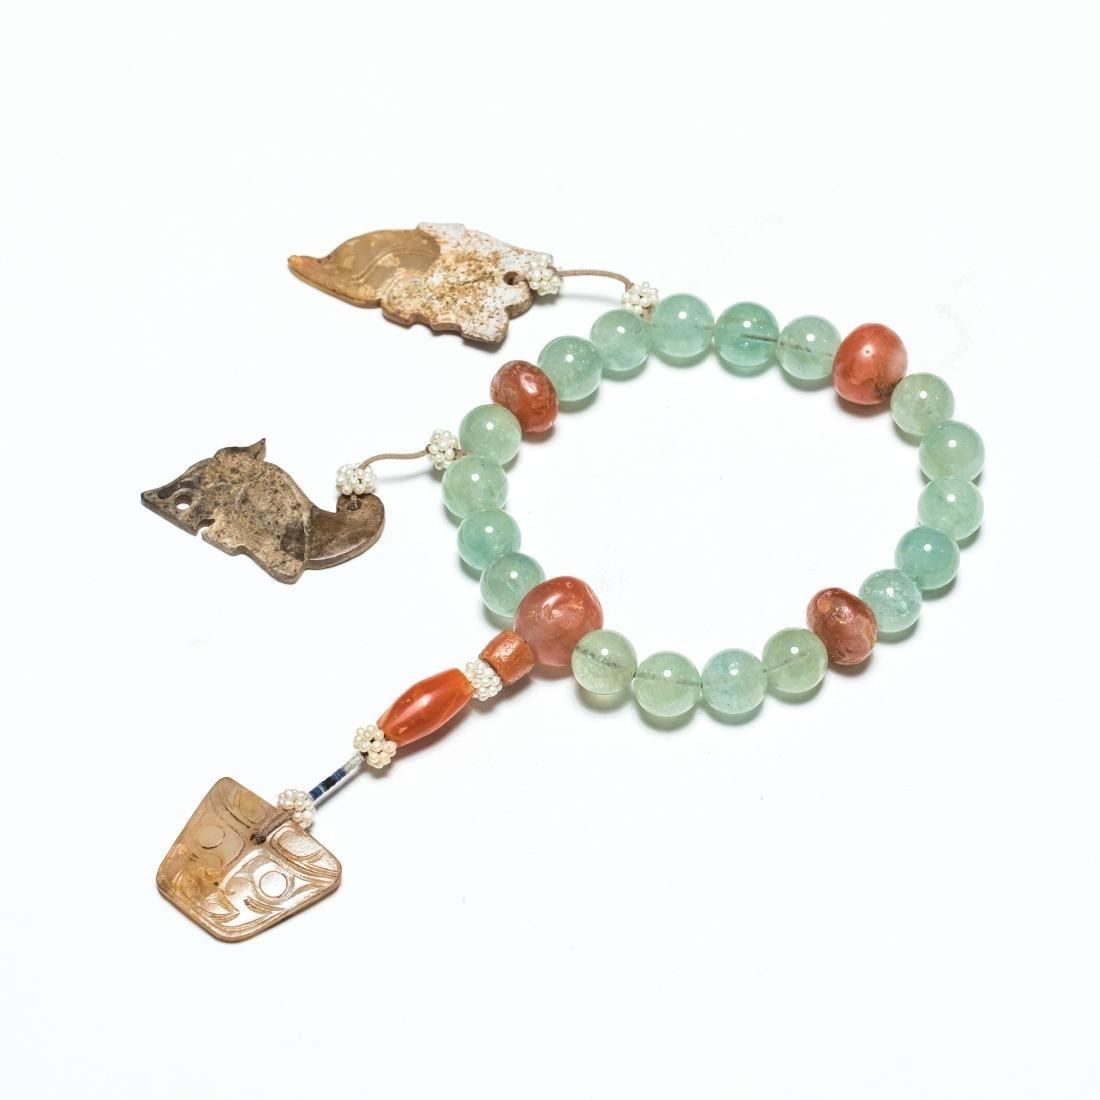 19th Antique Aquamarine Prayer Beads